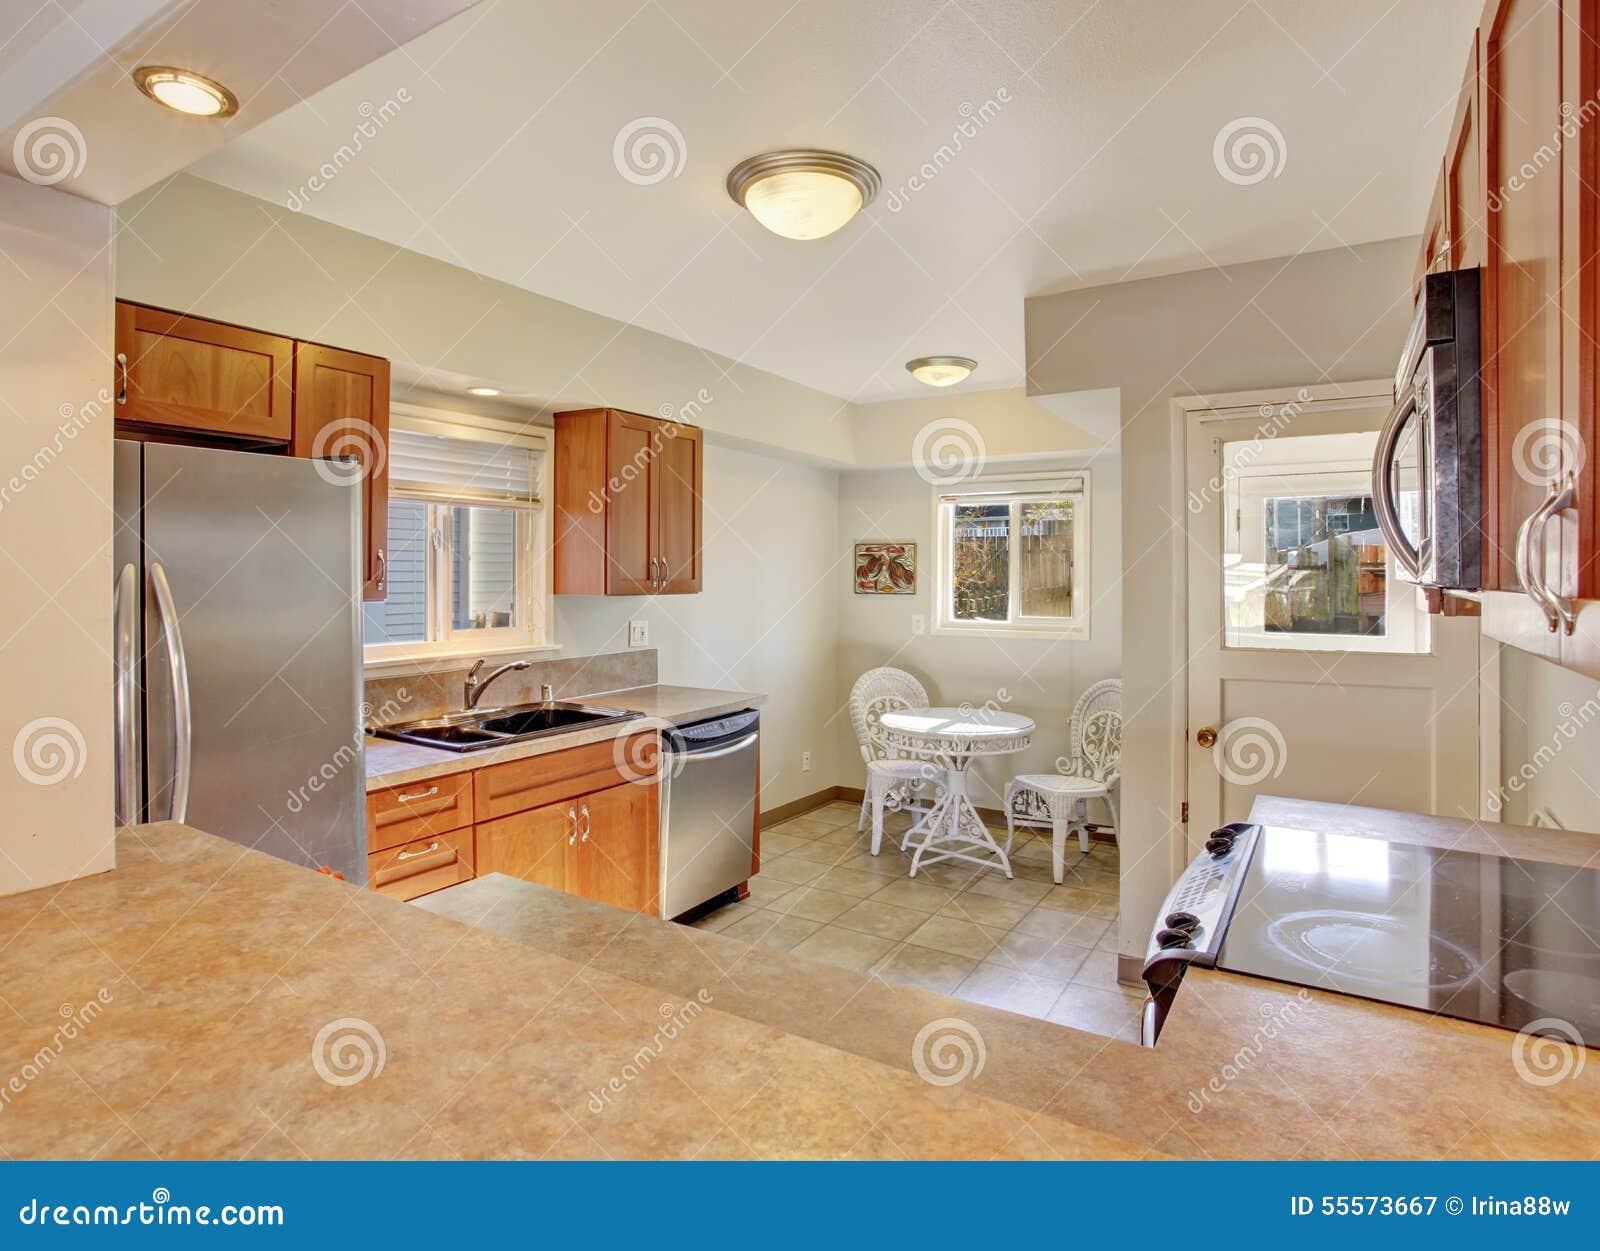 Cocina moderna con el suelo de azulejo imagen de archivo imagen 55573667 - Suelos para cocinas modernas ...